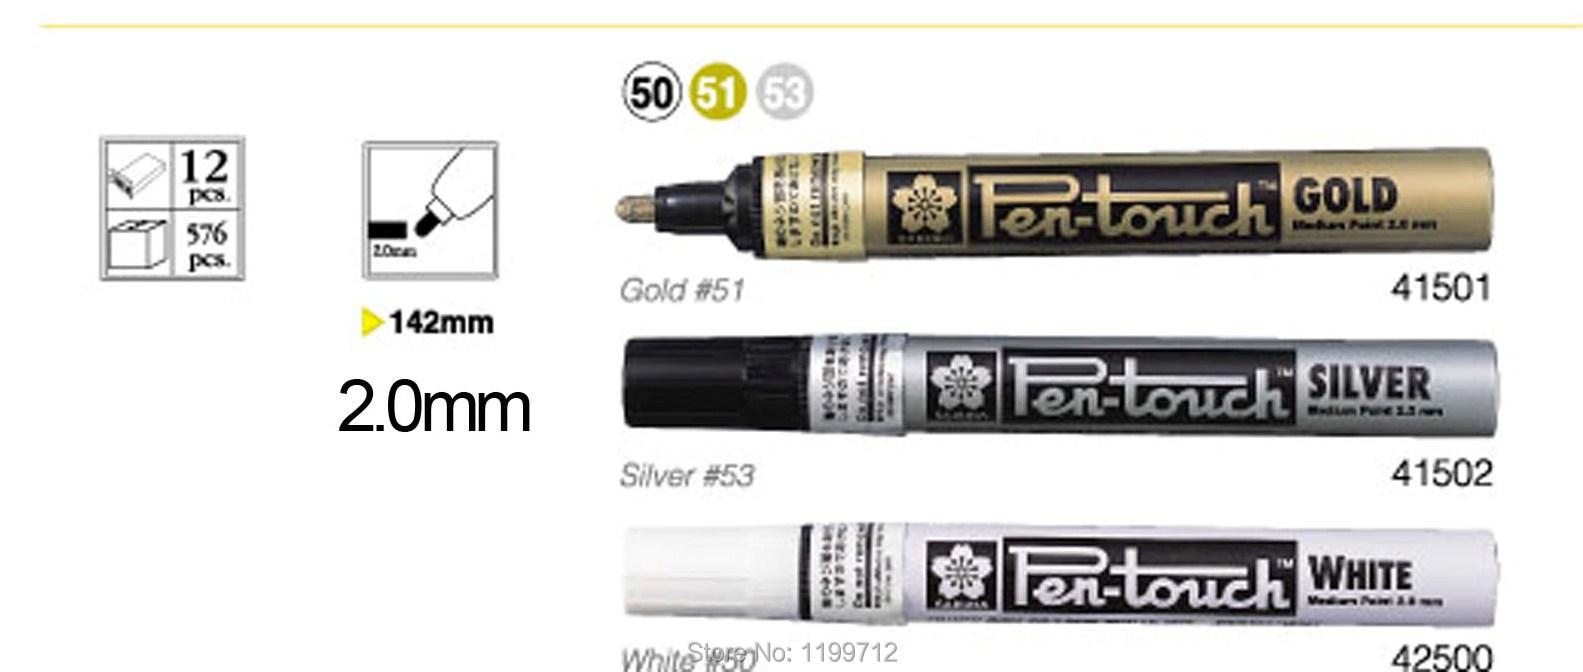 Gold Paint Pen Pen Touch Bullet Tip Paint